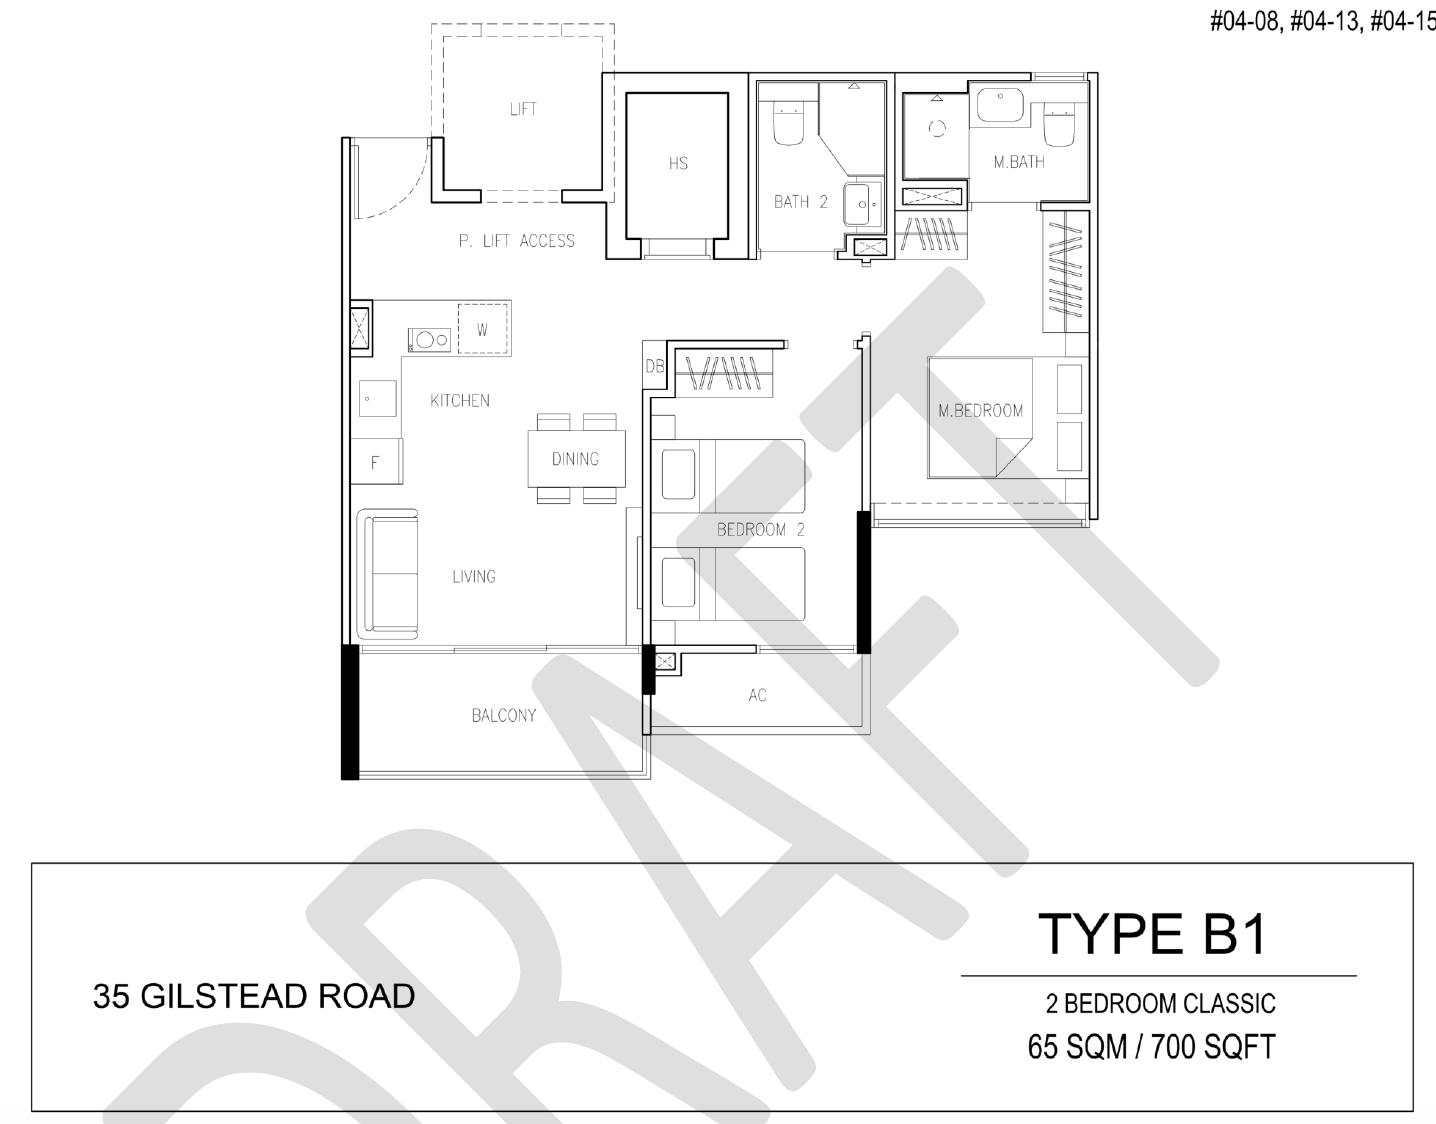 35-Gilstead-floor-plan-2-bedroom-Type-B1